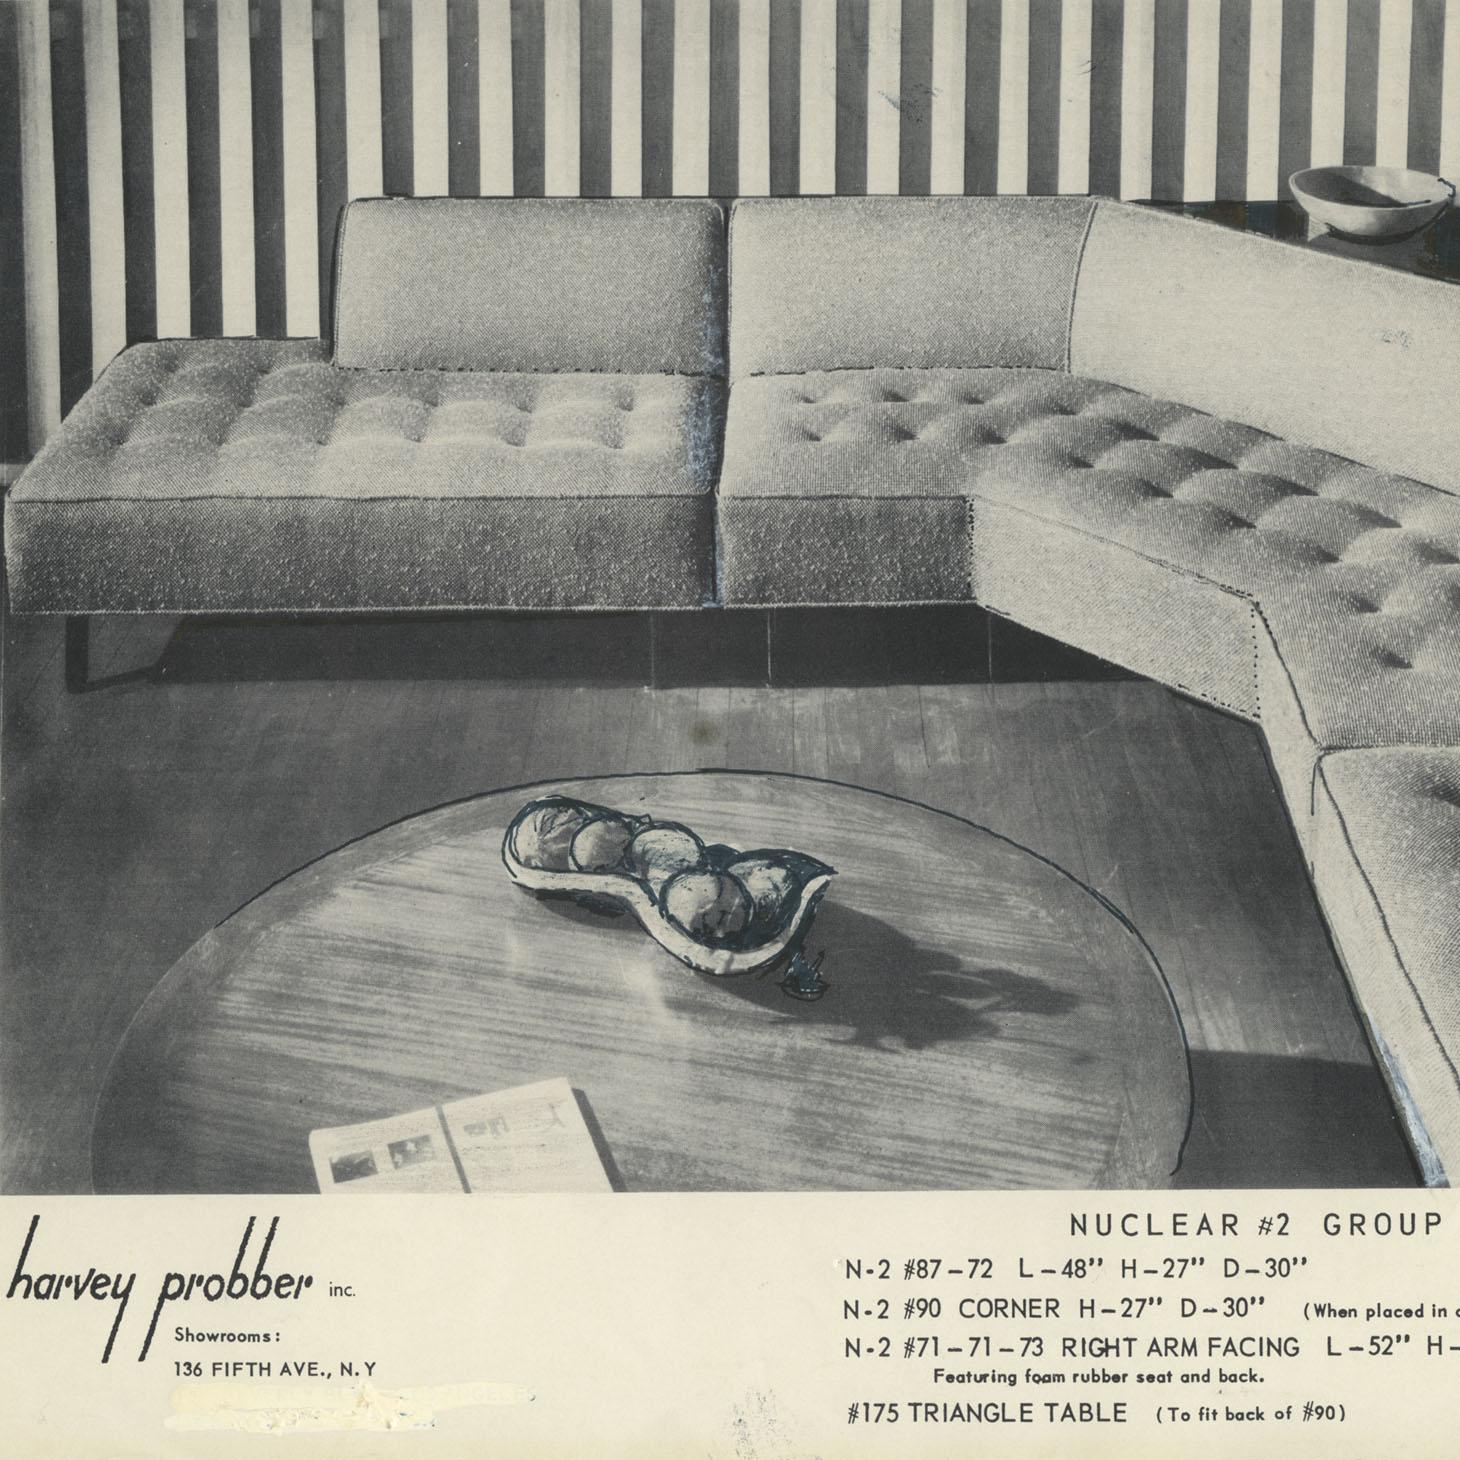 Vintage Nuclear Set advertisement